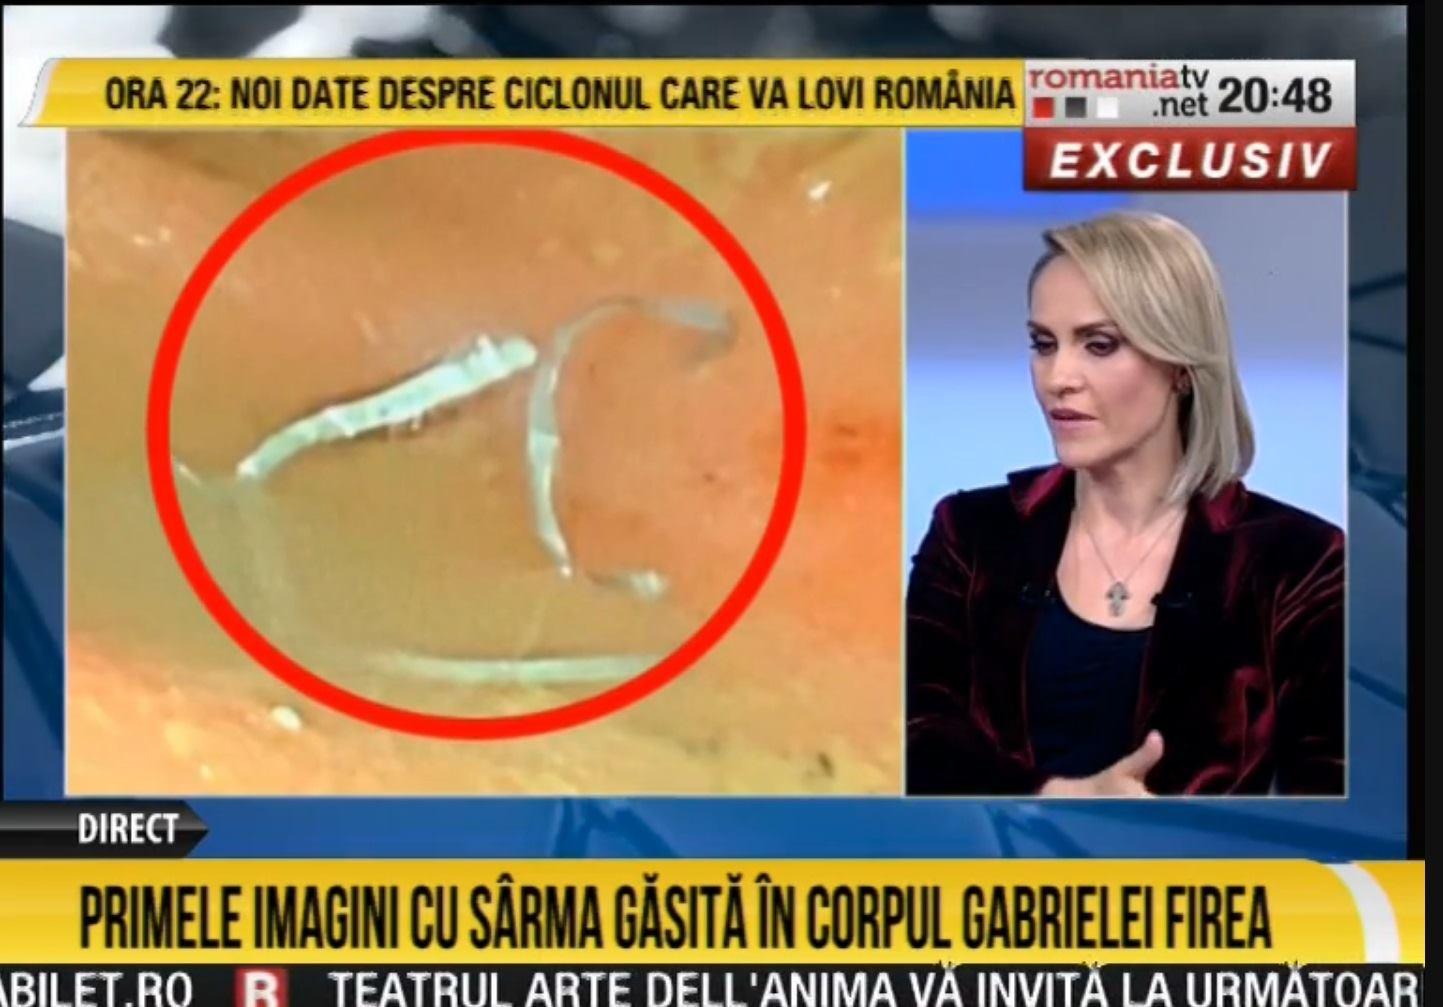 Ce au scos medicii din Gabriela Firea. Primarul a aratat la TV imagini cu sarma din colon